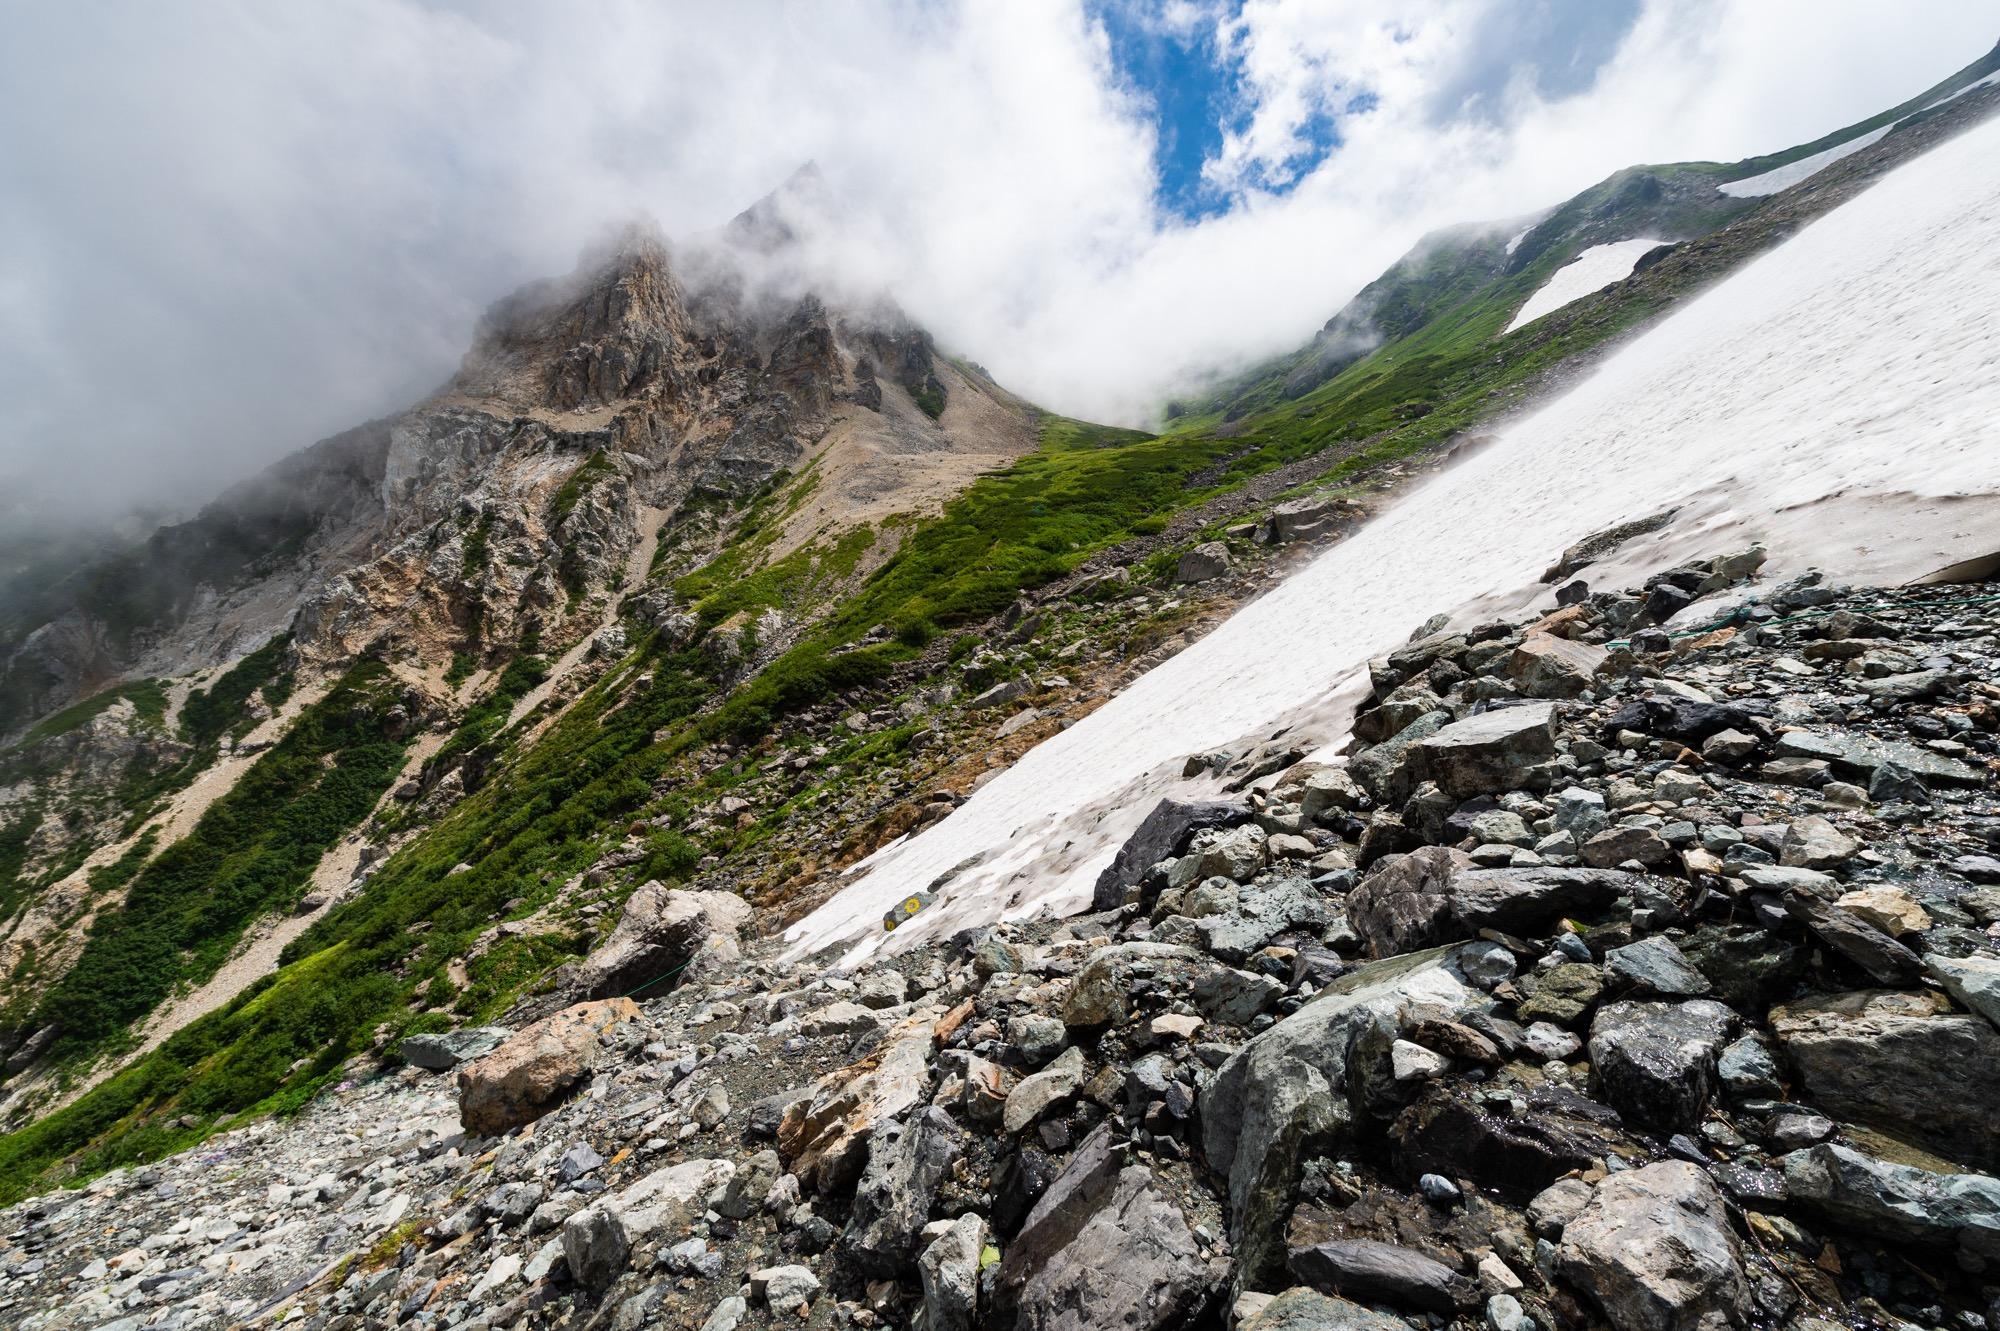 雪渓と岩肌のコントラスト